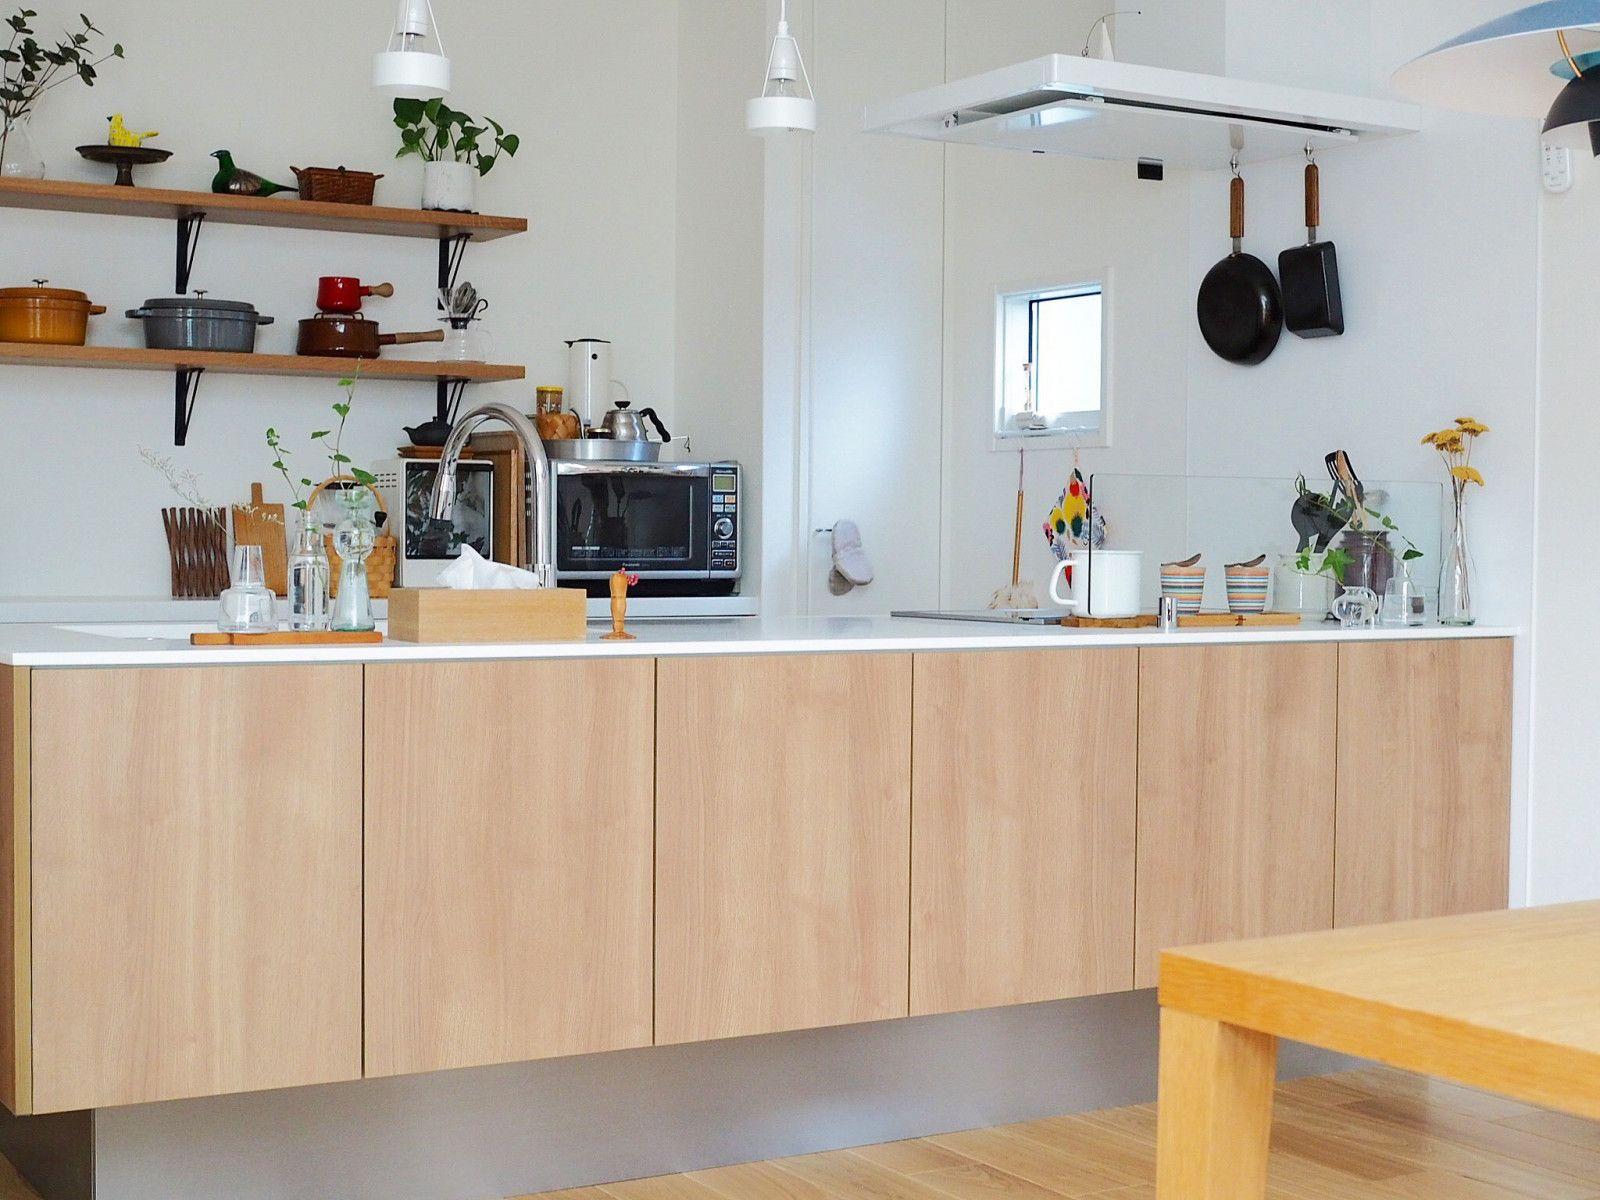 自分色の彩りあるキッチンと特別な空間づくり Taka0taka0taka0さんの